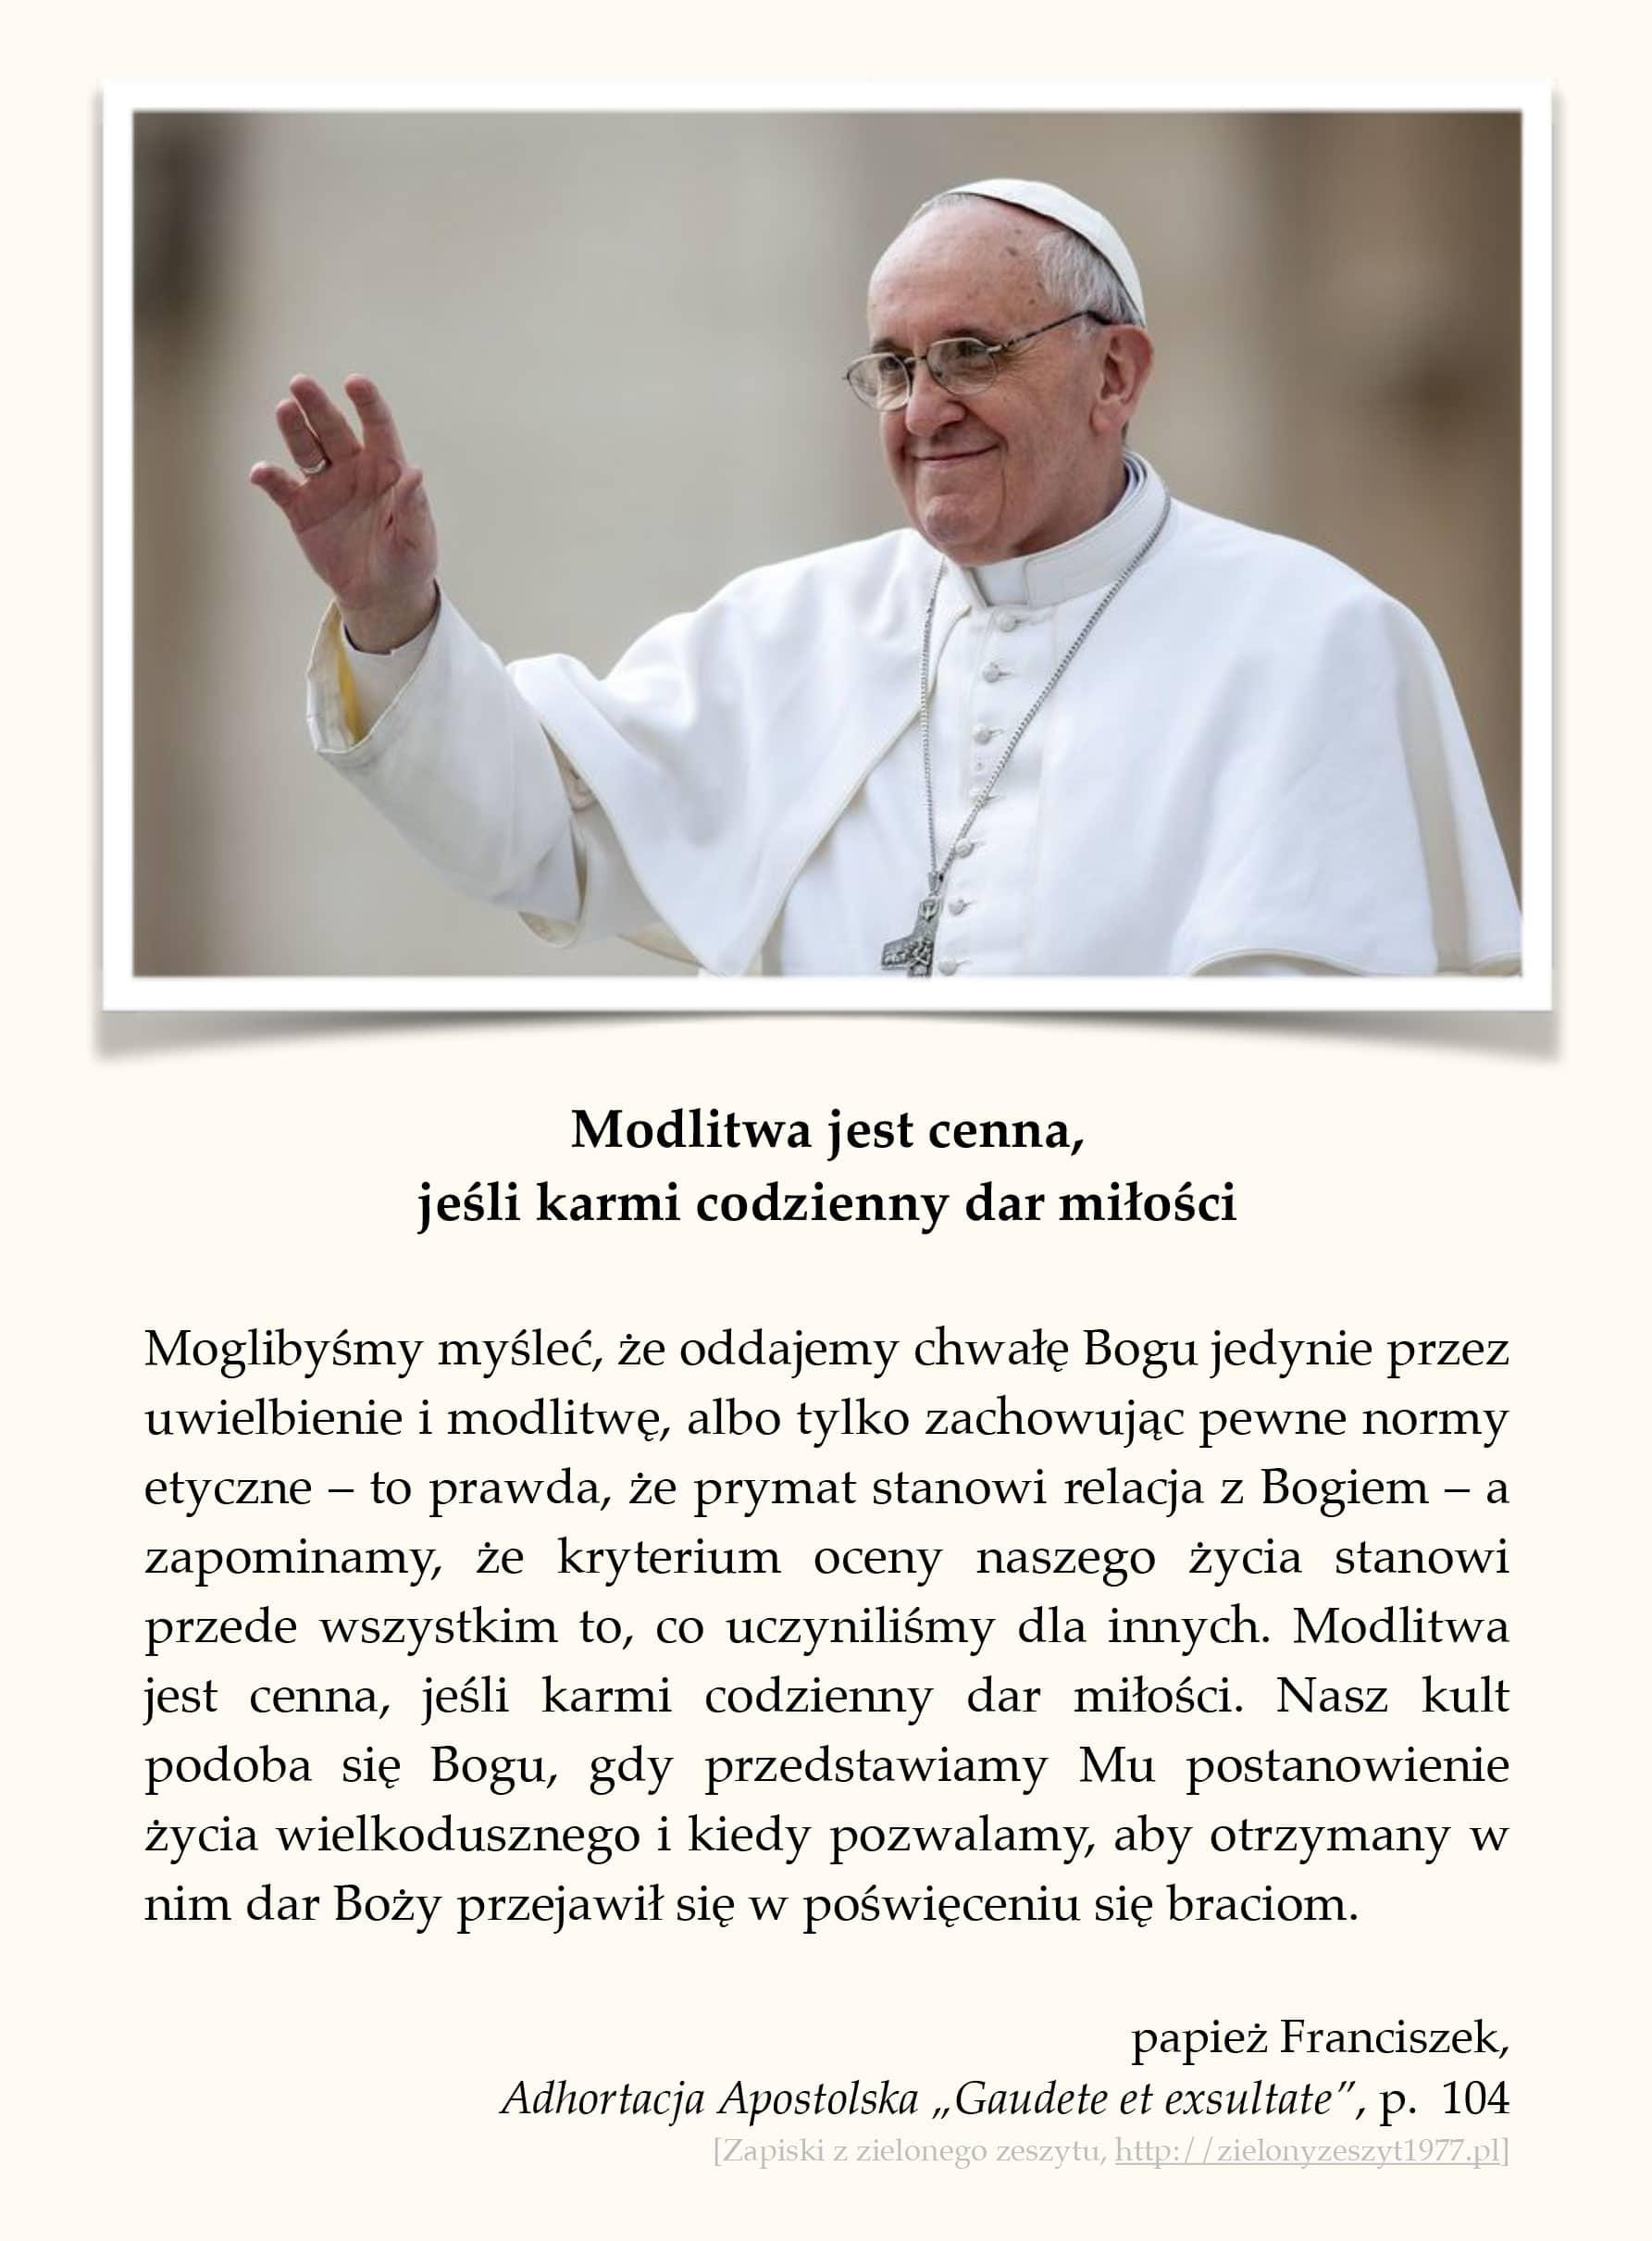 """papież Franciszek, Adhortacja Apostolska """"Gaudete et exsultate"""", p. 104 (Modlitwa jest cenna, jeśli karmi codzienny dar miłości)"""